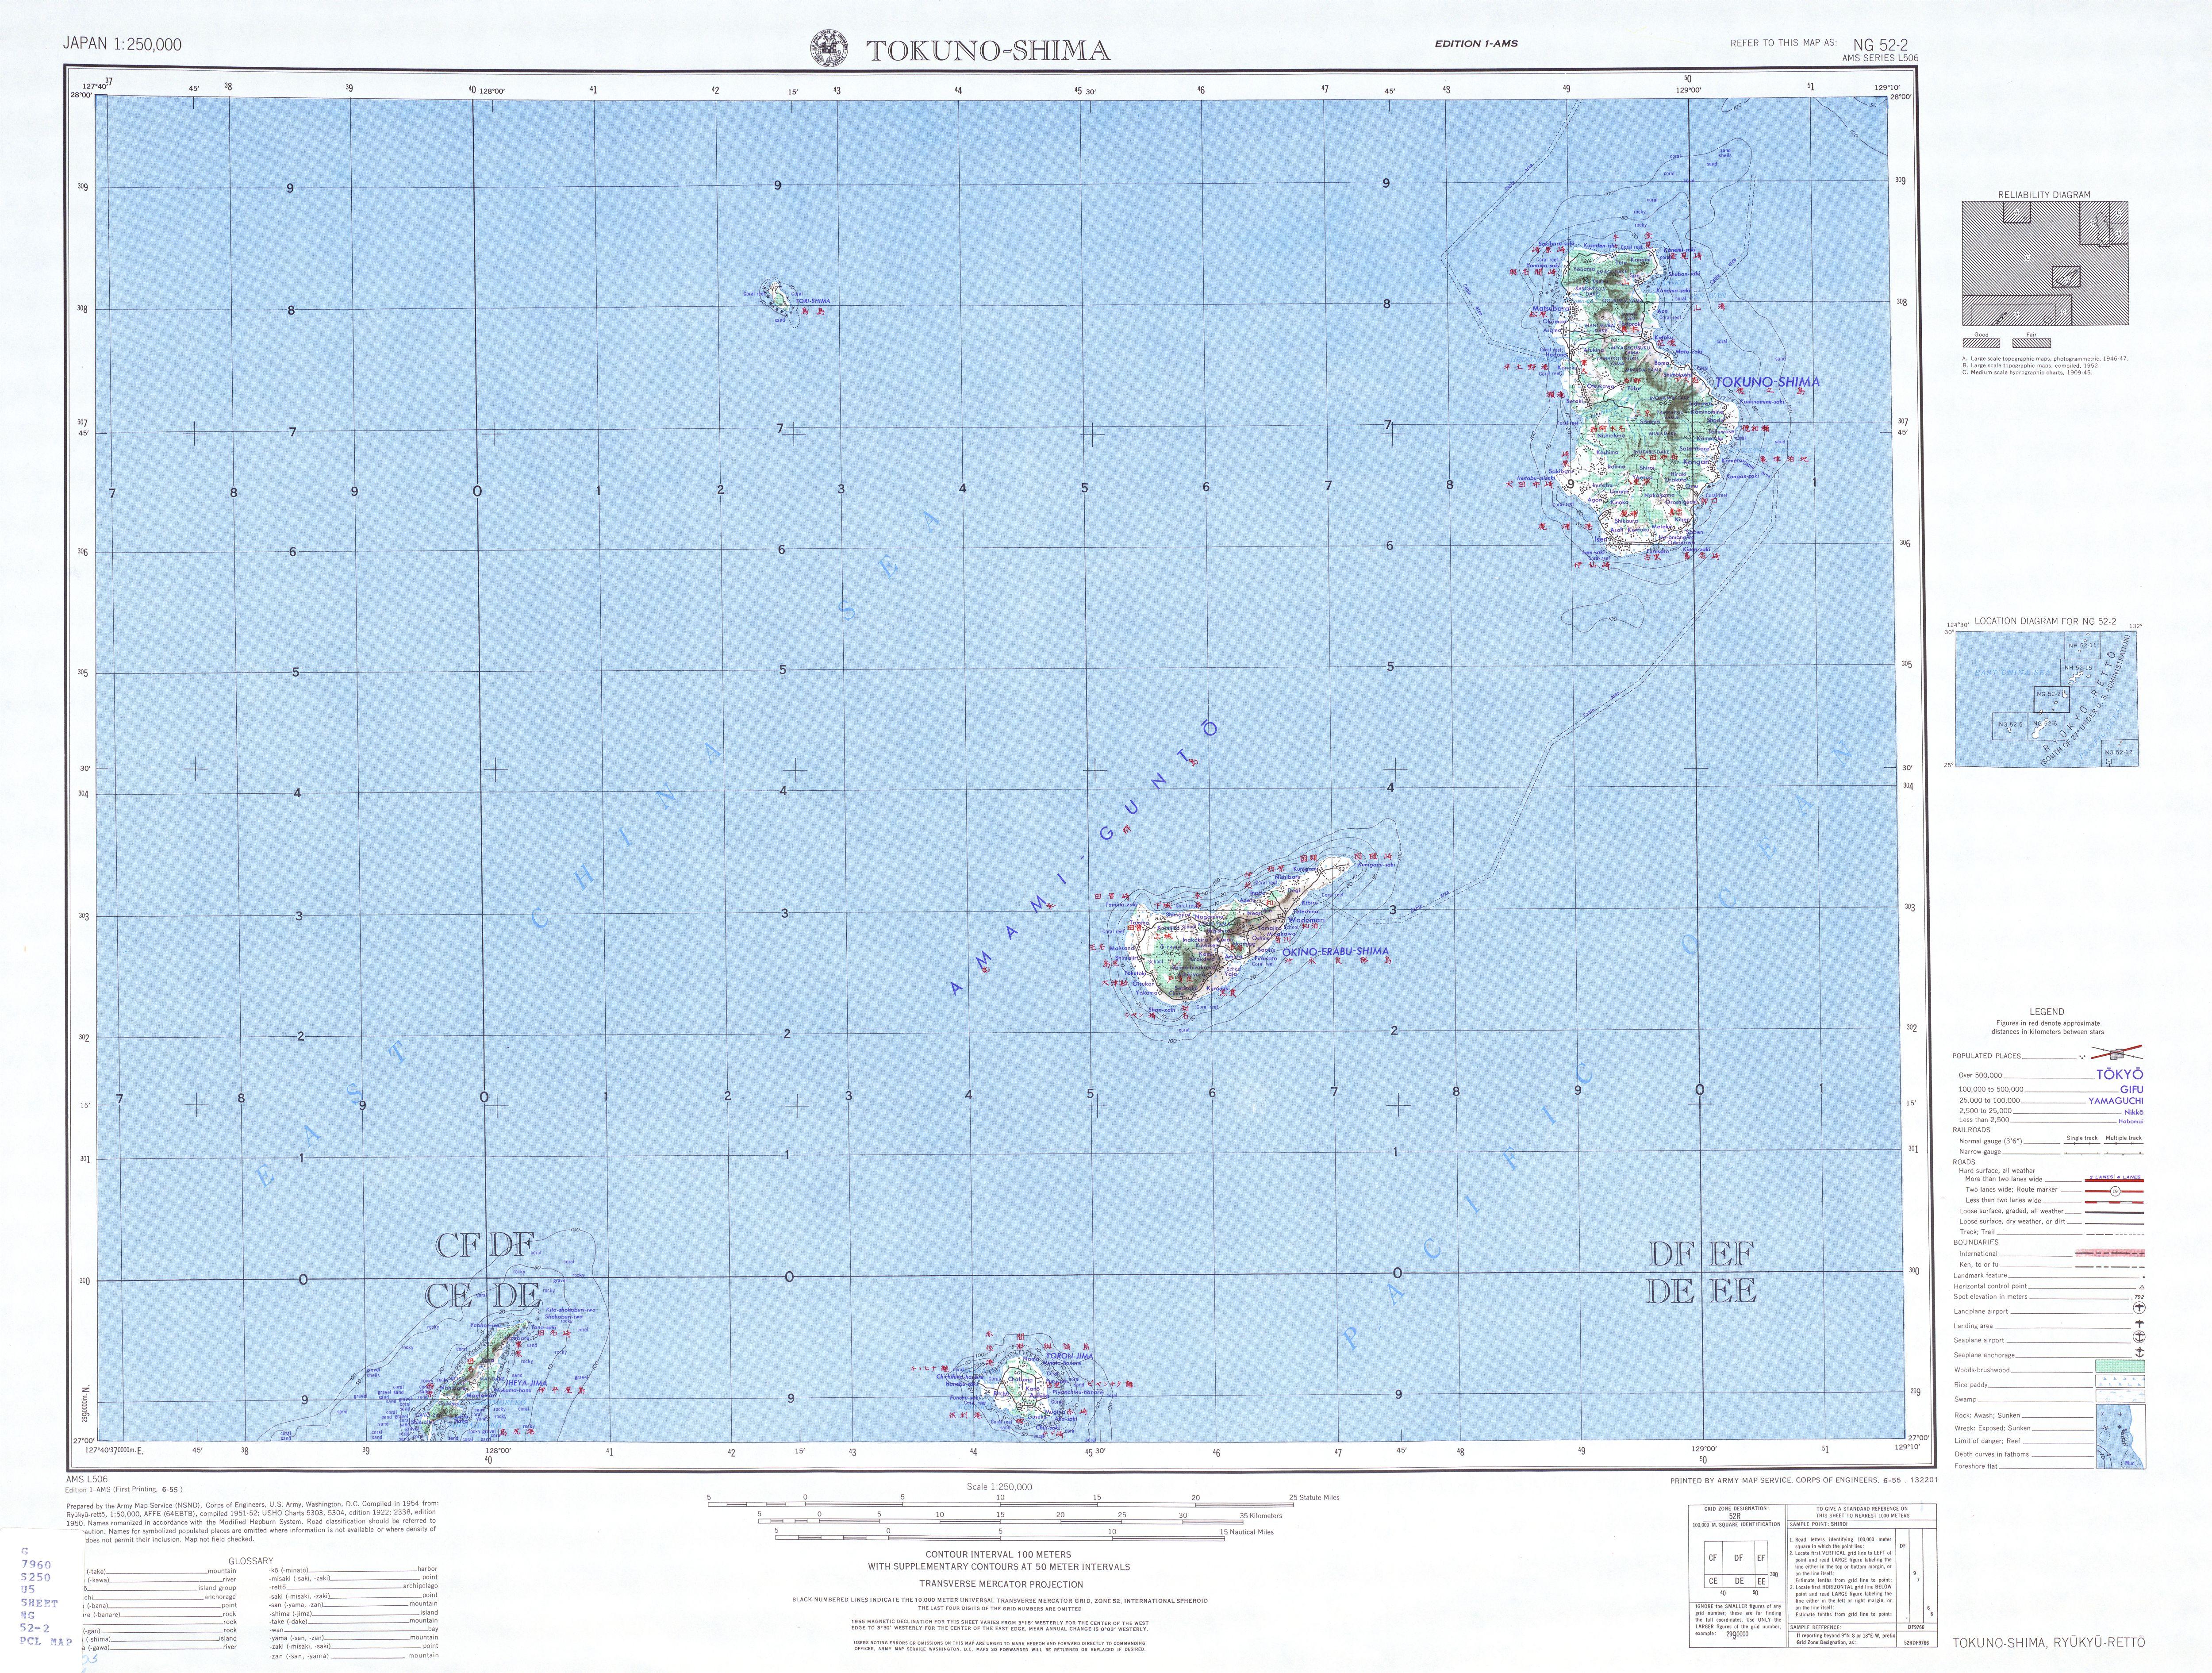 Hoja Tokuno-Shima del Mapa Topográfico de Japón 1954